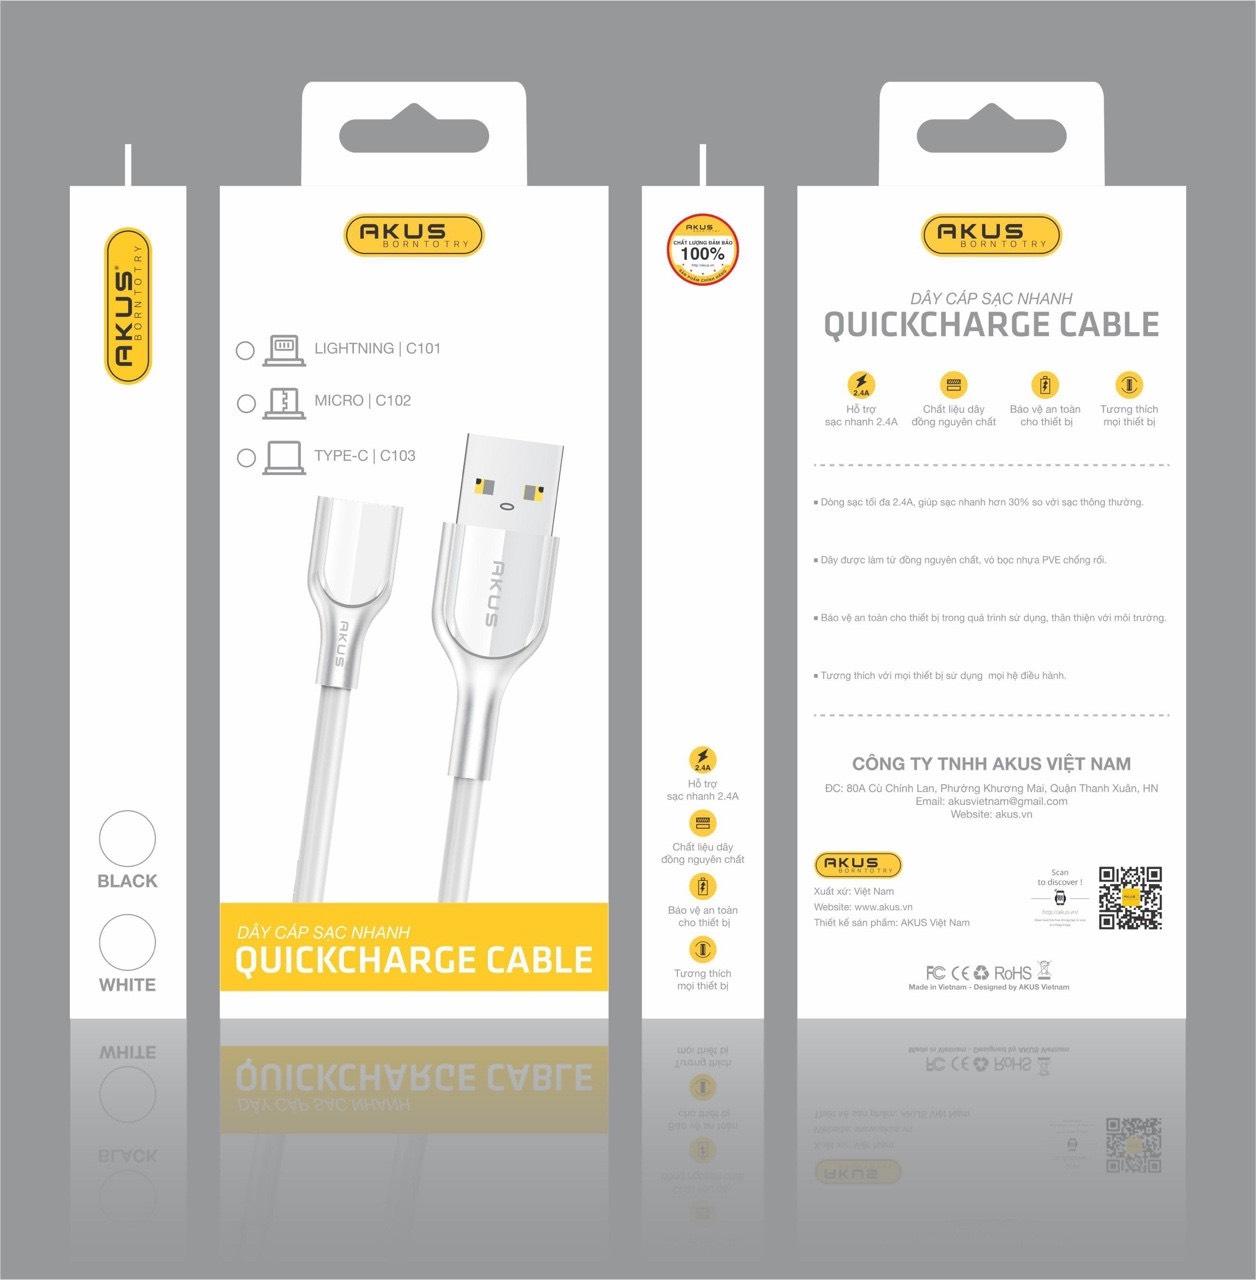 Hàng chính hãng - Dây cáp sạc nhanh cho Iphone 2.4A thương hiệu AKUS dài 1m, cổng Lightning